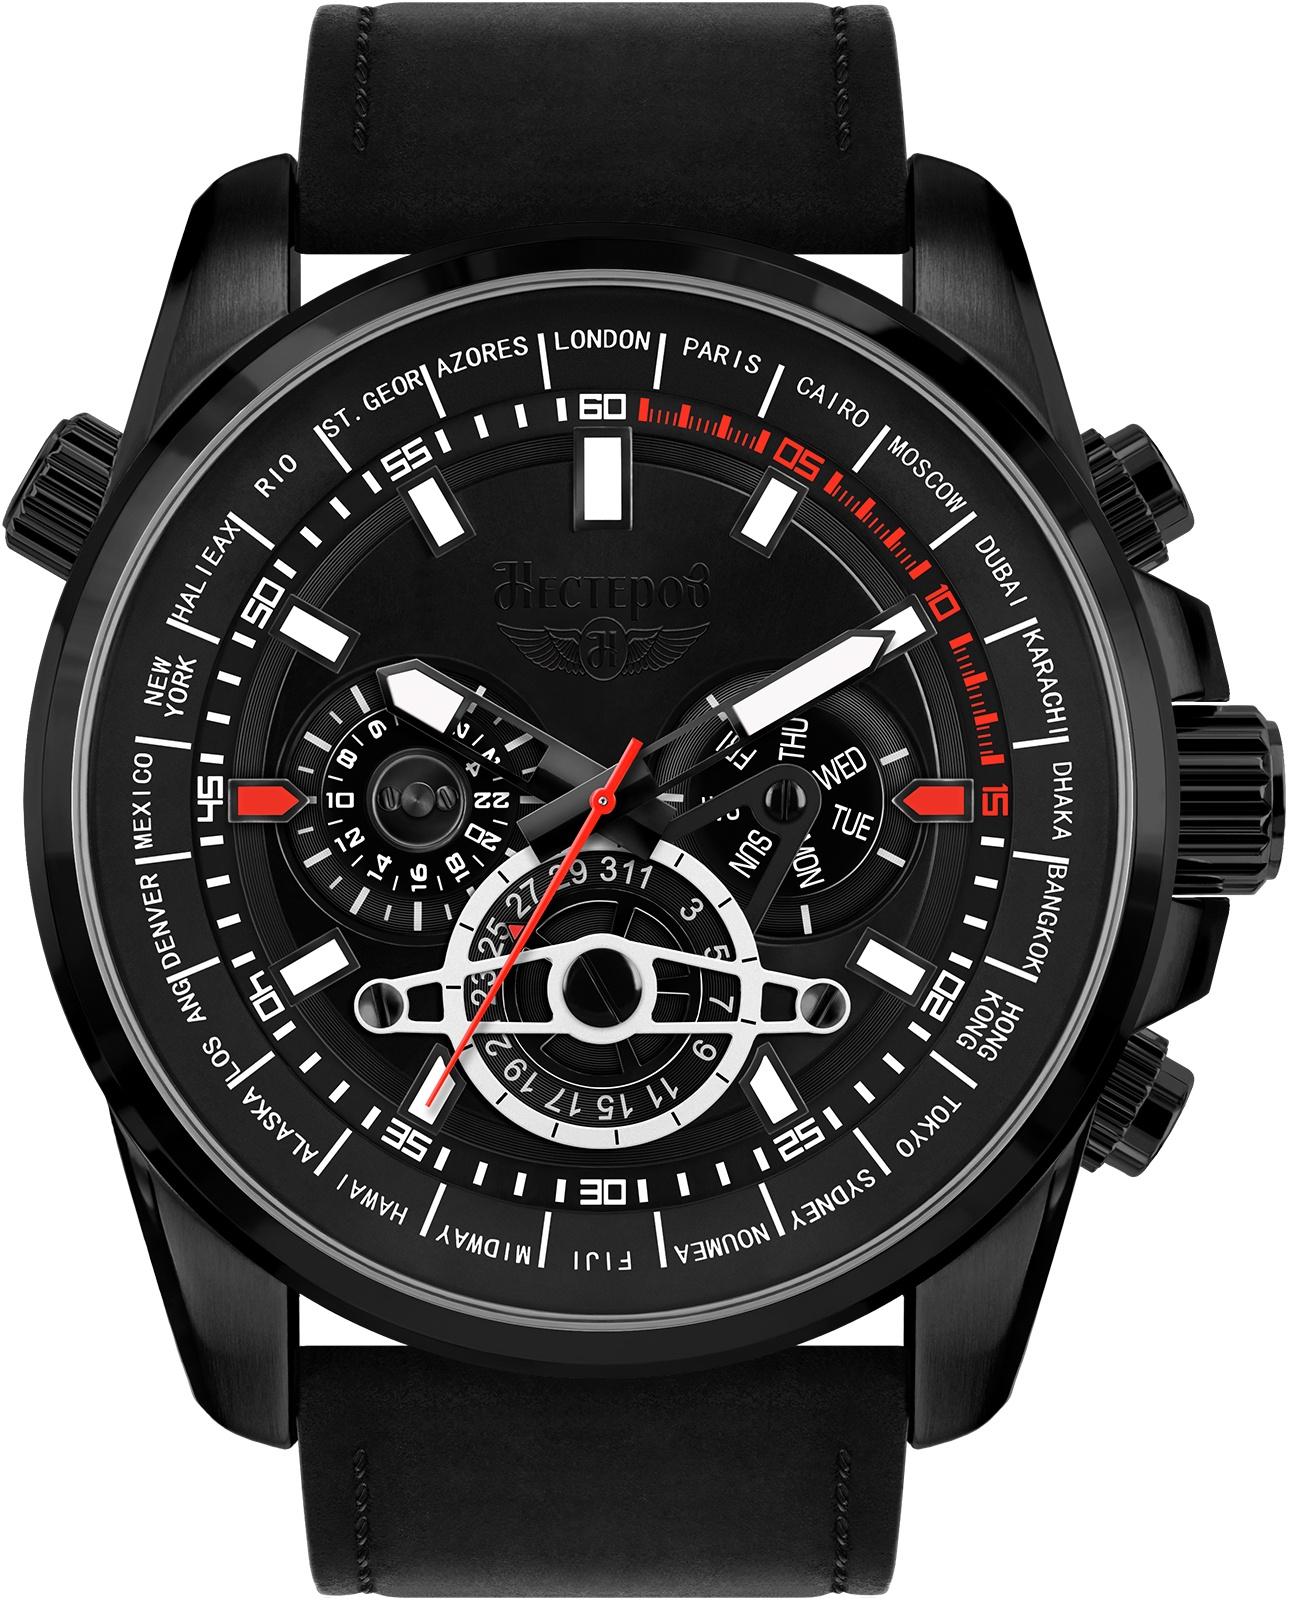 купить Наручные часы Нестеров H2491A32-132E по цене 21100 рублей